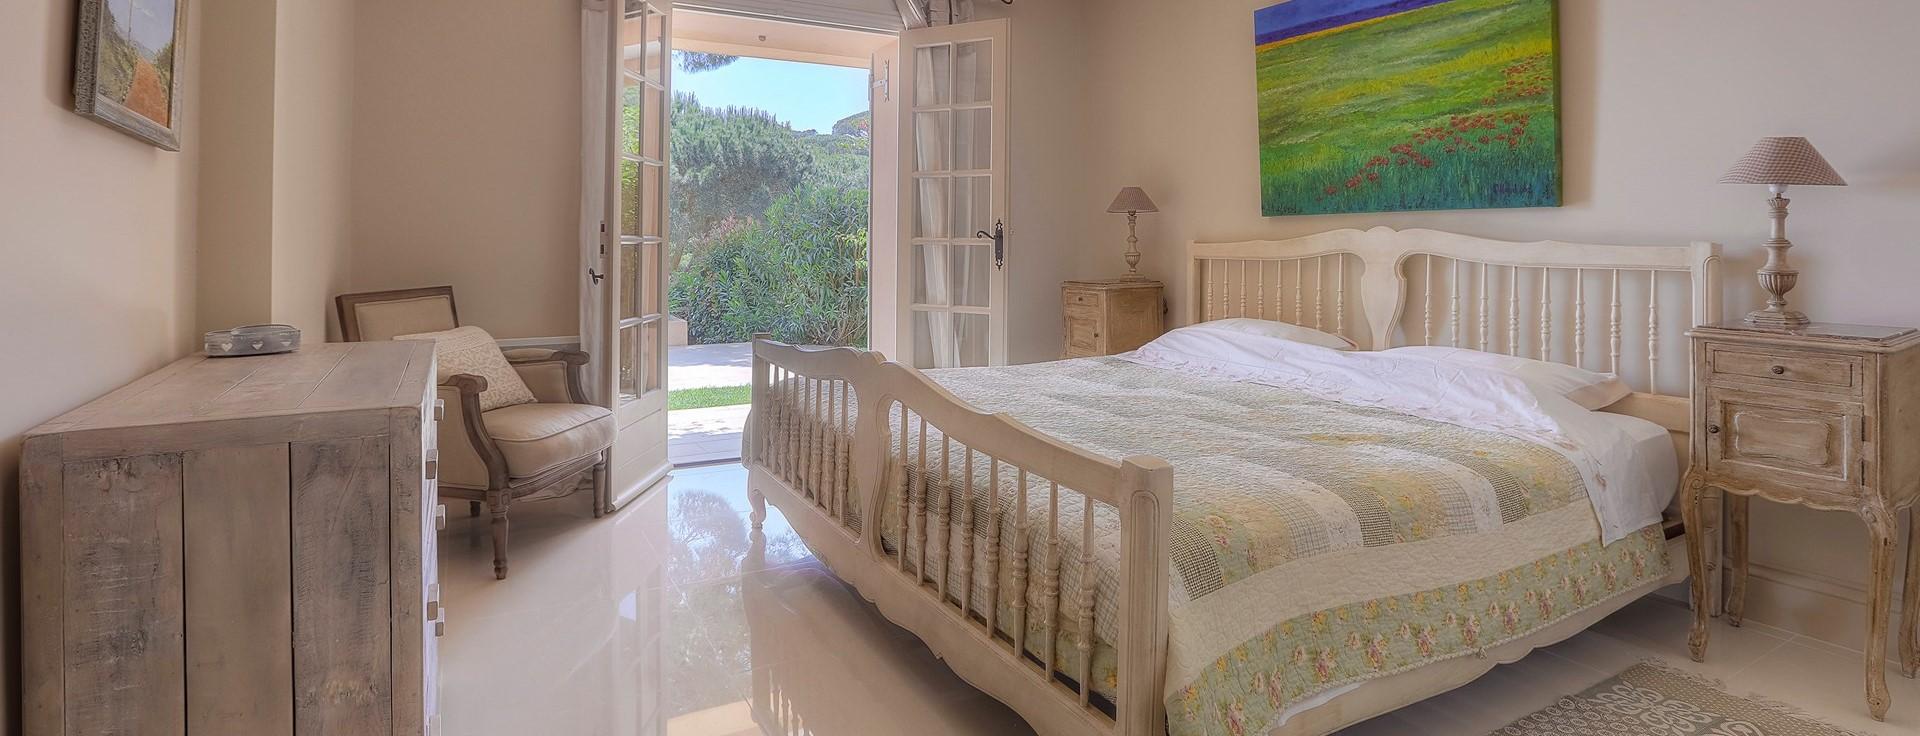 villa-gigaro-double-bedroom-3